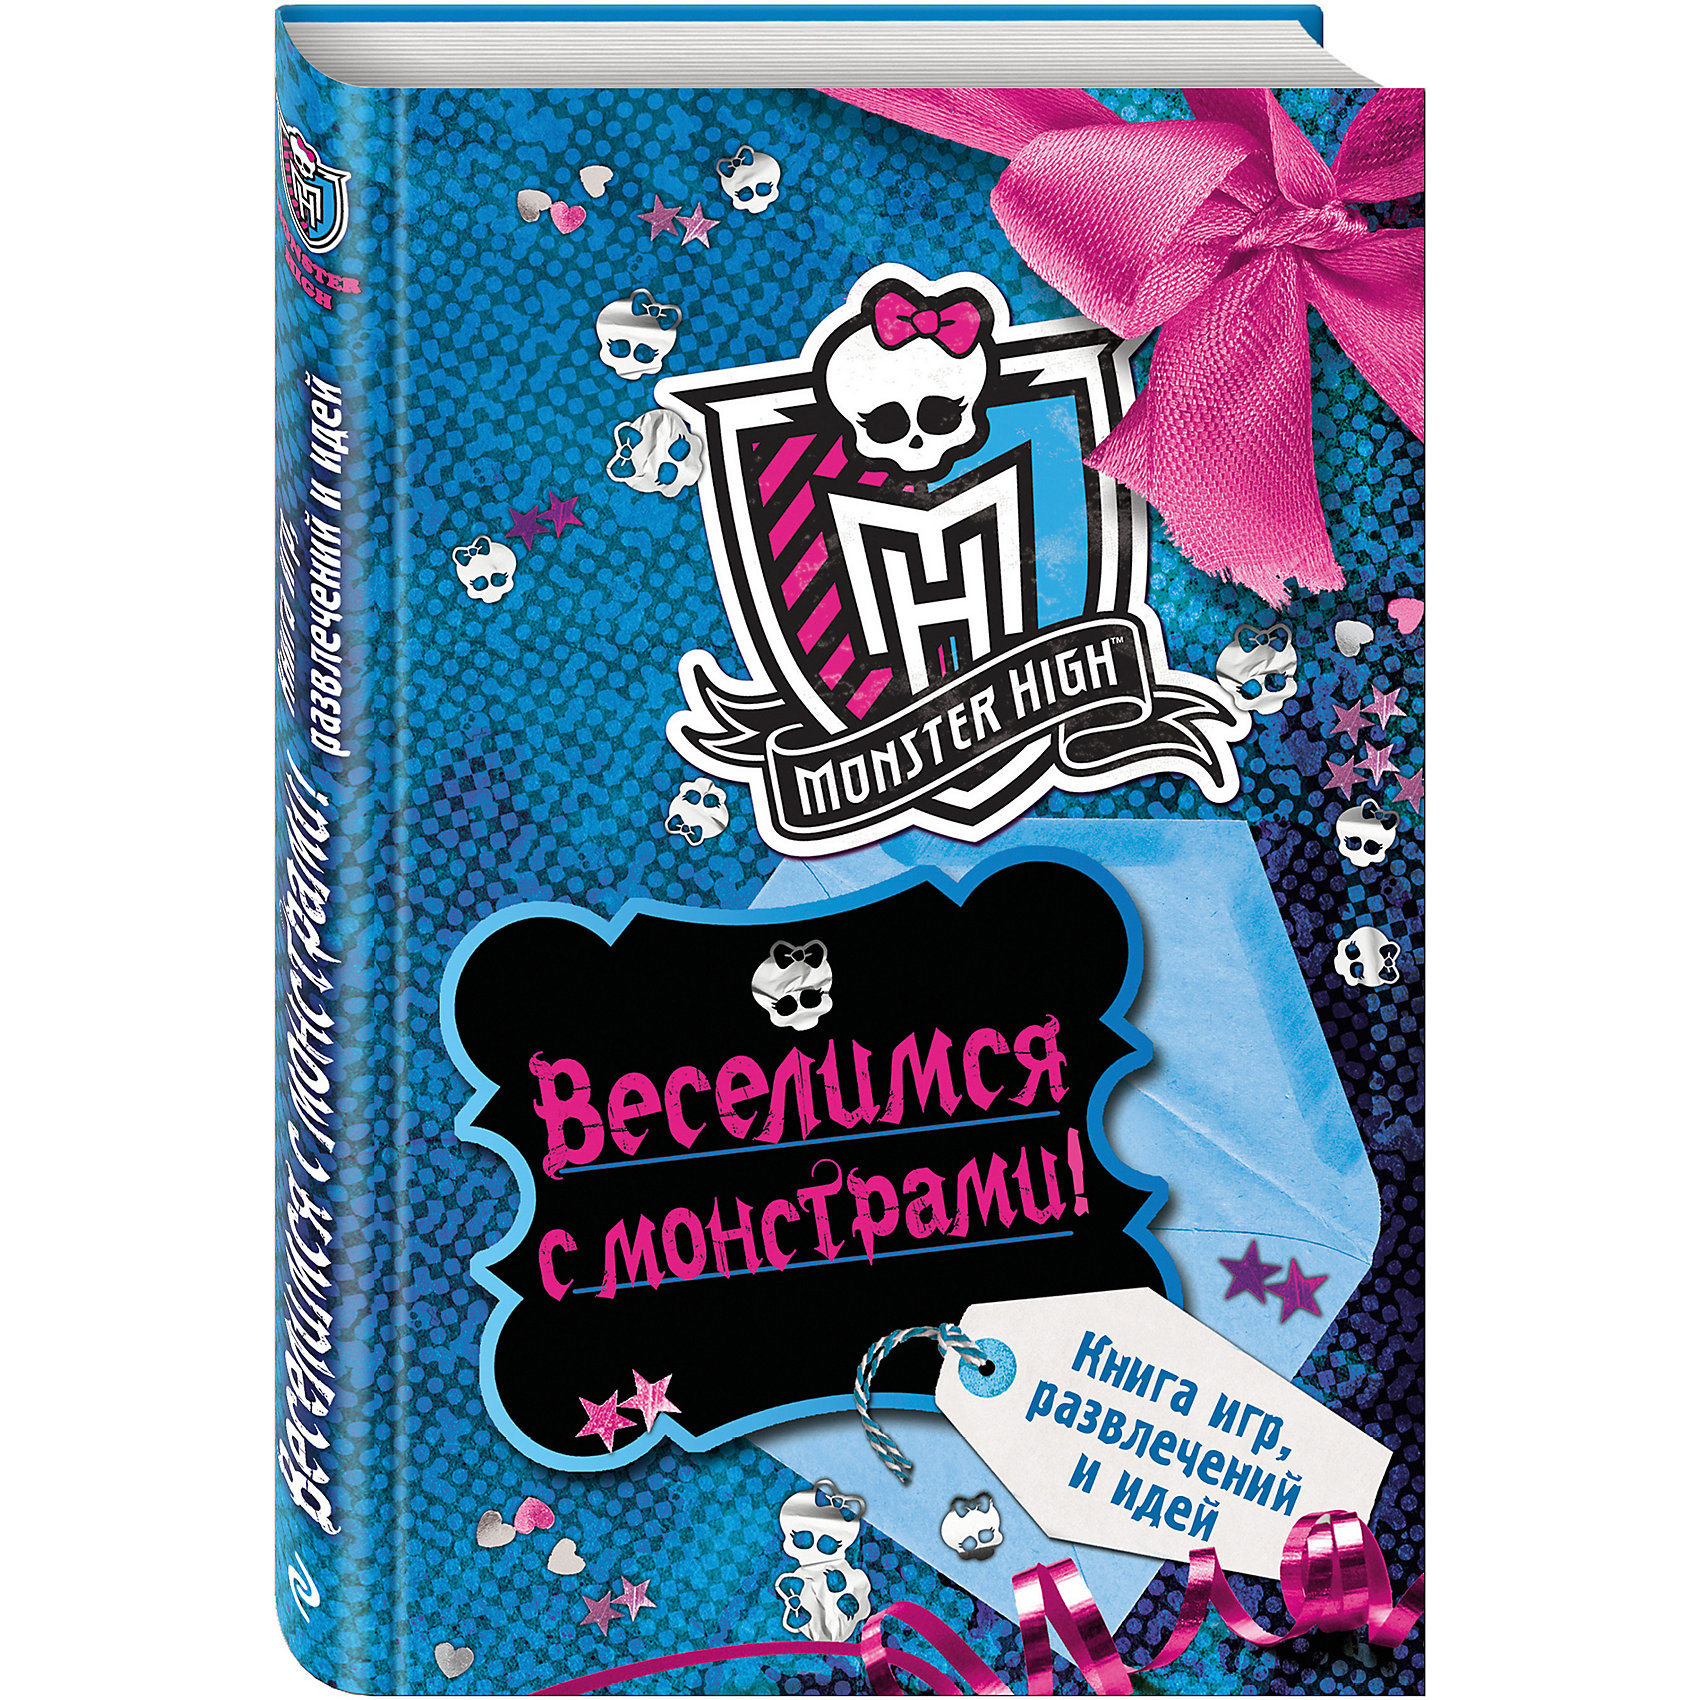 Веселимся с монстрами! Книга игр, развлечений и идейКниги по фильмам и мультфильмам<br>Характеристики товара: <br><br>• ISBN: 9785699812363<br>• возраст от: 12 лет<br>• формат: 60x90/16<br>• бумага: офсет<br>• обложка: твердая<br>• издательство: Эксмо-Пресс<br>• иллюстрации: цветные<br>• количество страниц: 224<br>• размеры: 20x14 см<br><br>Издание «Веселимся с монстрами! Книга игр, развлечений и идей» - это собрание идей для любительниц героев Monster High.<br><br>В нем можно найти не только тесты, идеи игр и конкурсов для вечеров с друзьями, но и множество интересных советов от любимых героинь.<br><br>«Веселимся с монстрами! Книга игр, развлечений и идей» можно купить в нашем интернет-магазине.<br><br>Ширина мм: 212<br>Глубина мм: 138<br>Высота мм: 90<br>Вес г: 412<br>Возраст от месяцев: 144<br>Возраст до месяцев: 2147483647<br>Пол: Унисекс<br>Возраст: Детский<br>SKU: 5535339